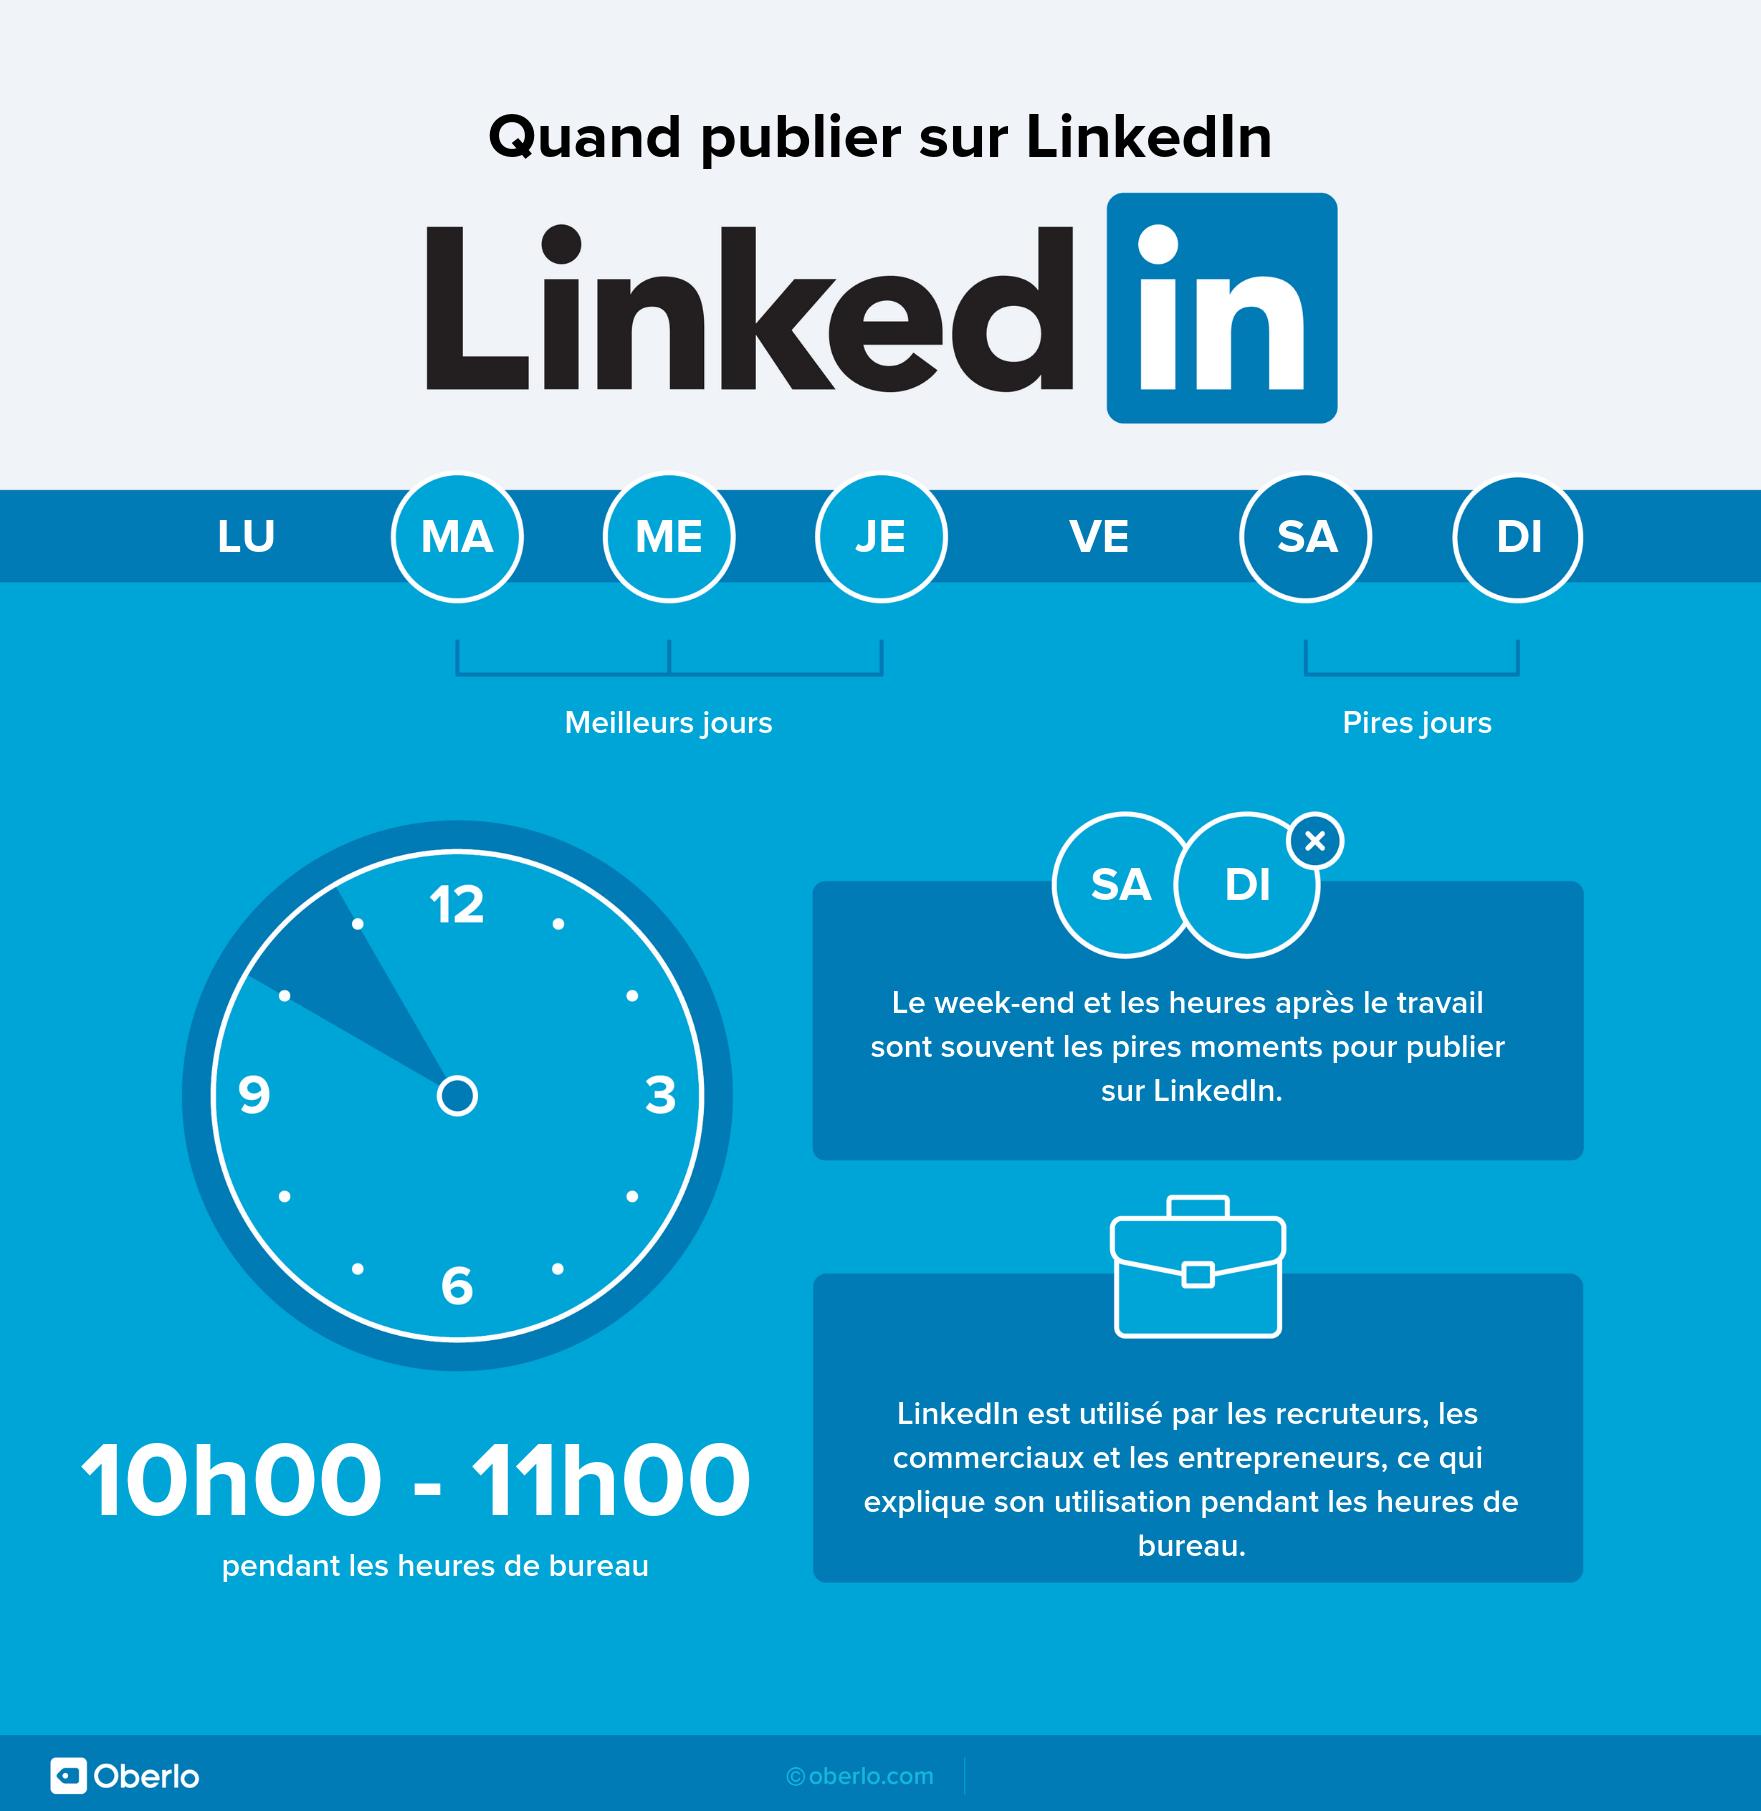 Quand publier sur LinkedIn - Oberlo - Mounir Digital